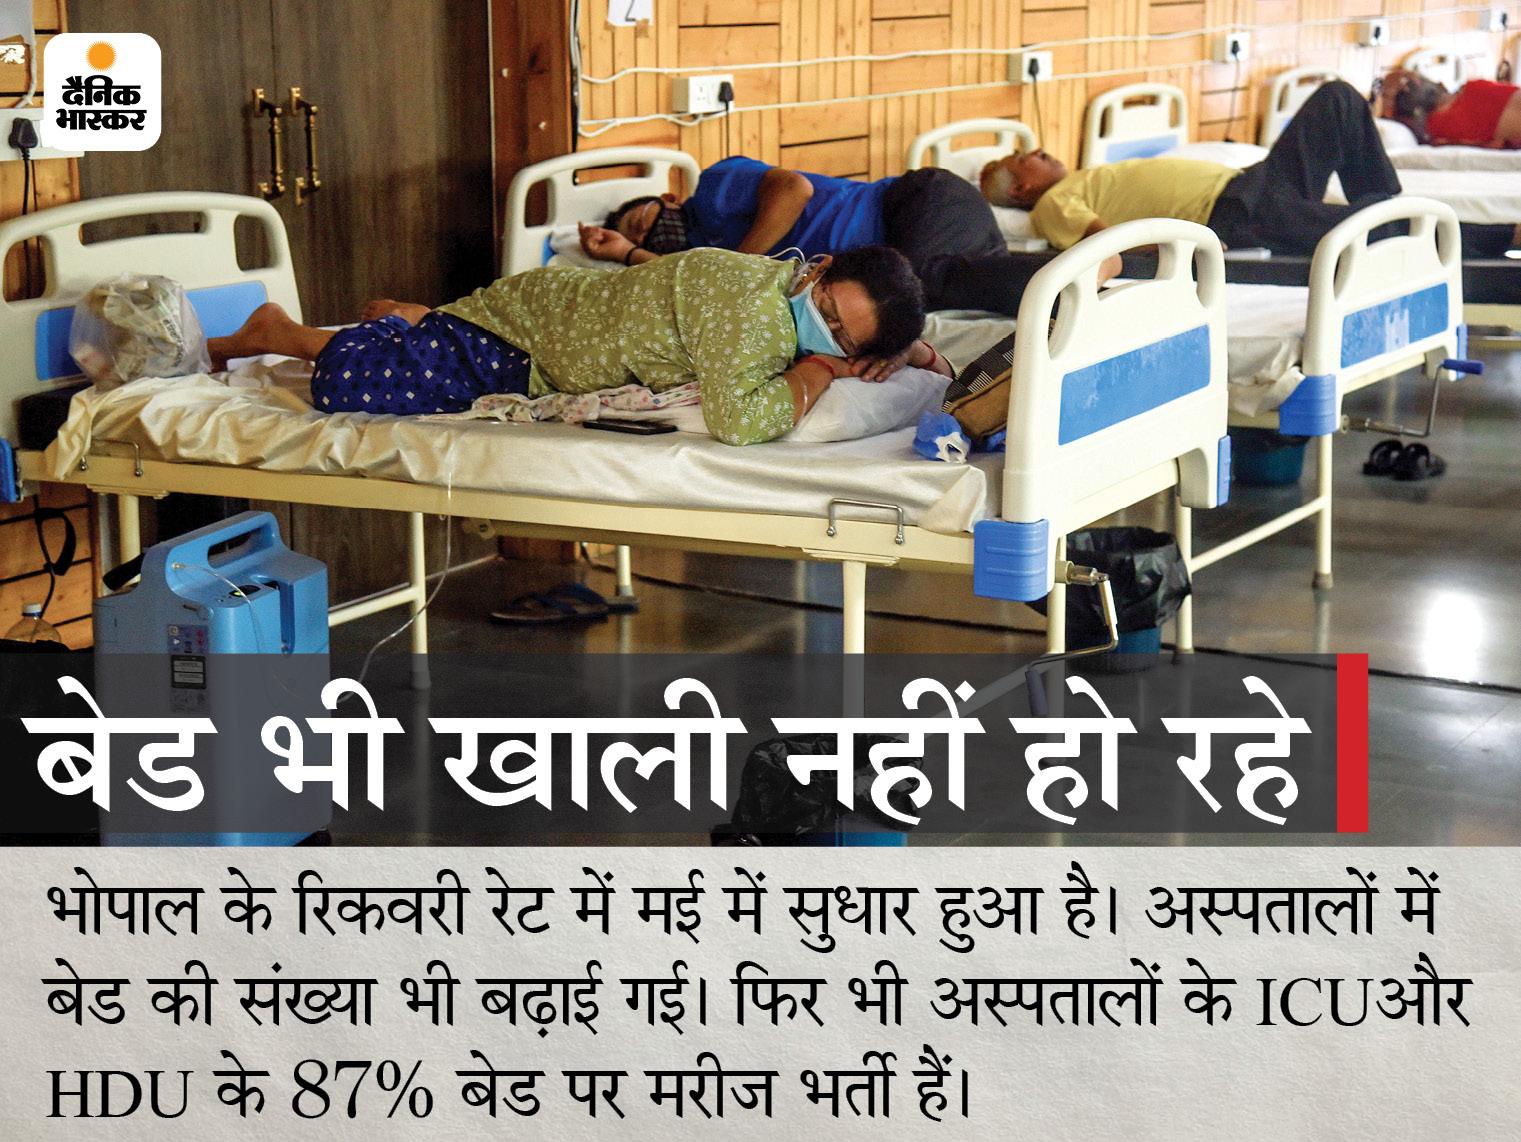 अस्पताल में कोरोना से मरीज की मौत, लेकिन सरकारी रिकाॅर्ड में ठीक होकर डिस्चार्ज बताया भोपाल,Bhopal - Dainik Bhaskar